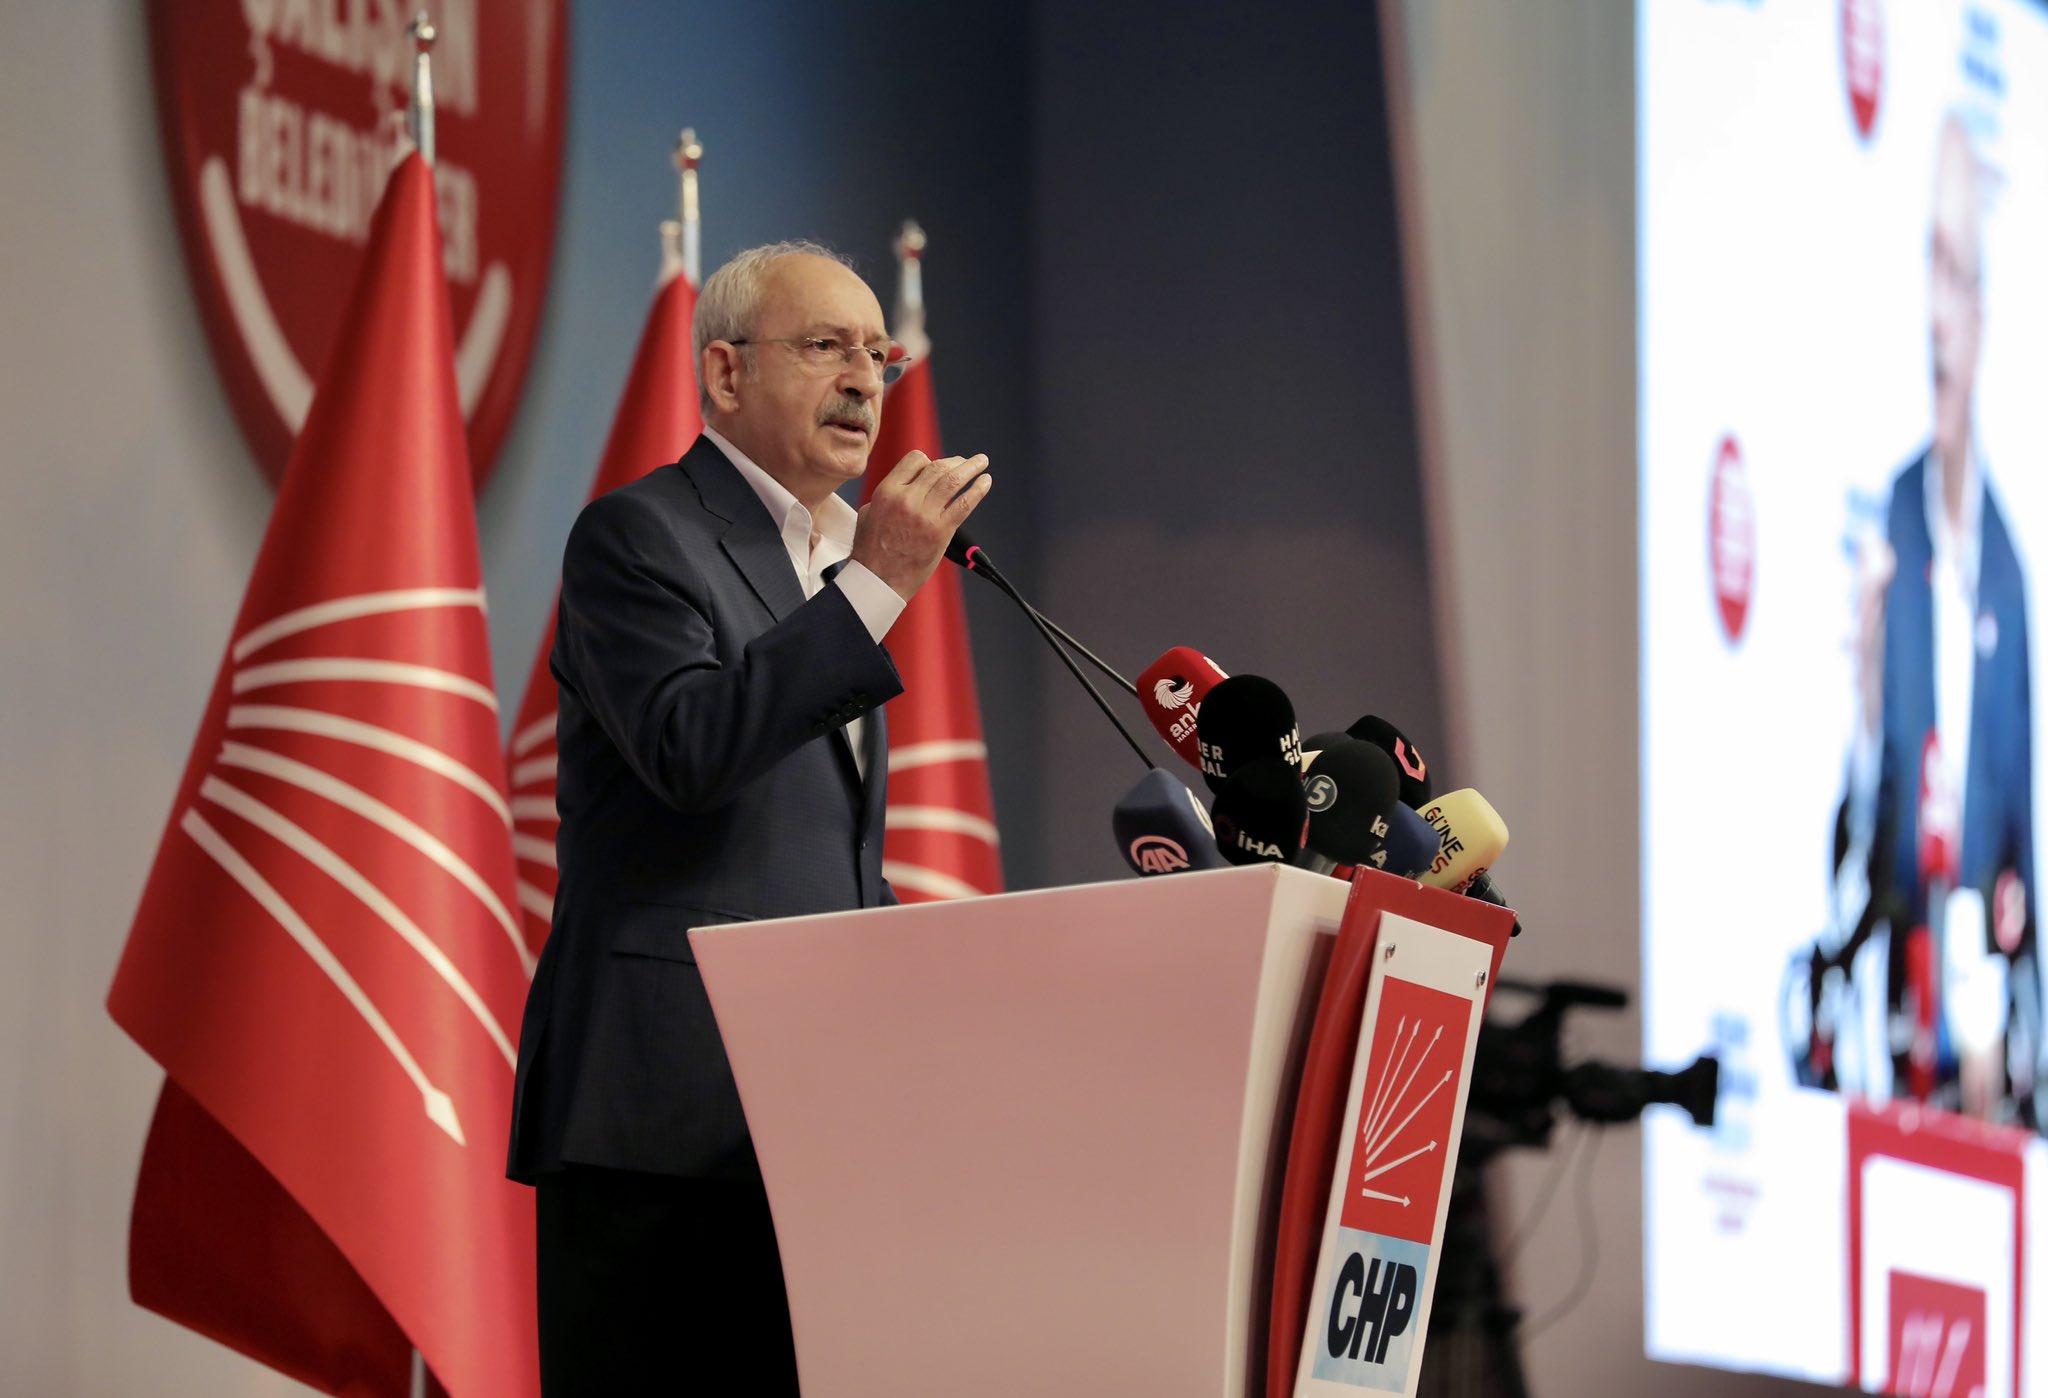 Kılıçdaroğlu'ndan Buğra Kavuncu'ya saldırıya çok sert tepki: Saray artık budur...